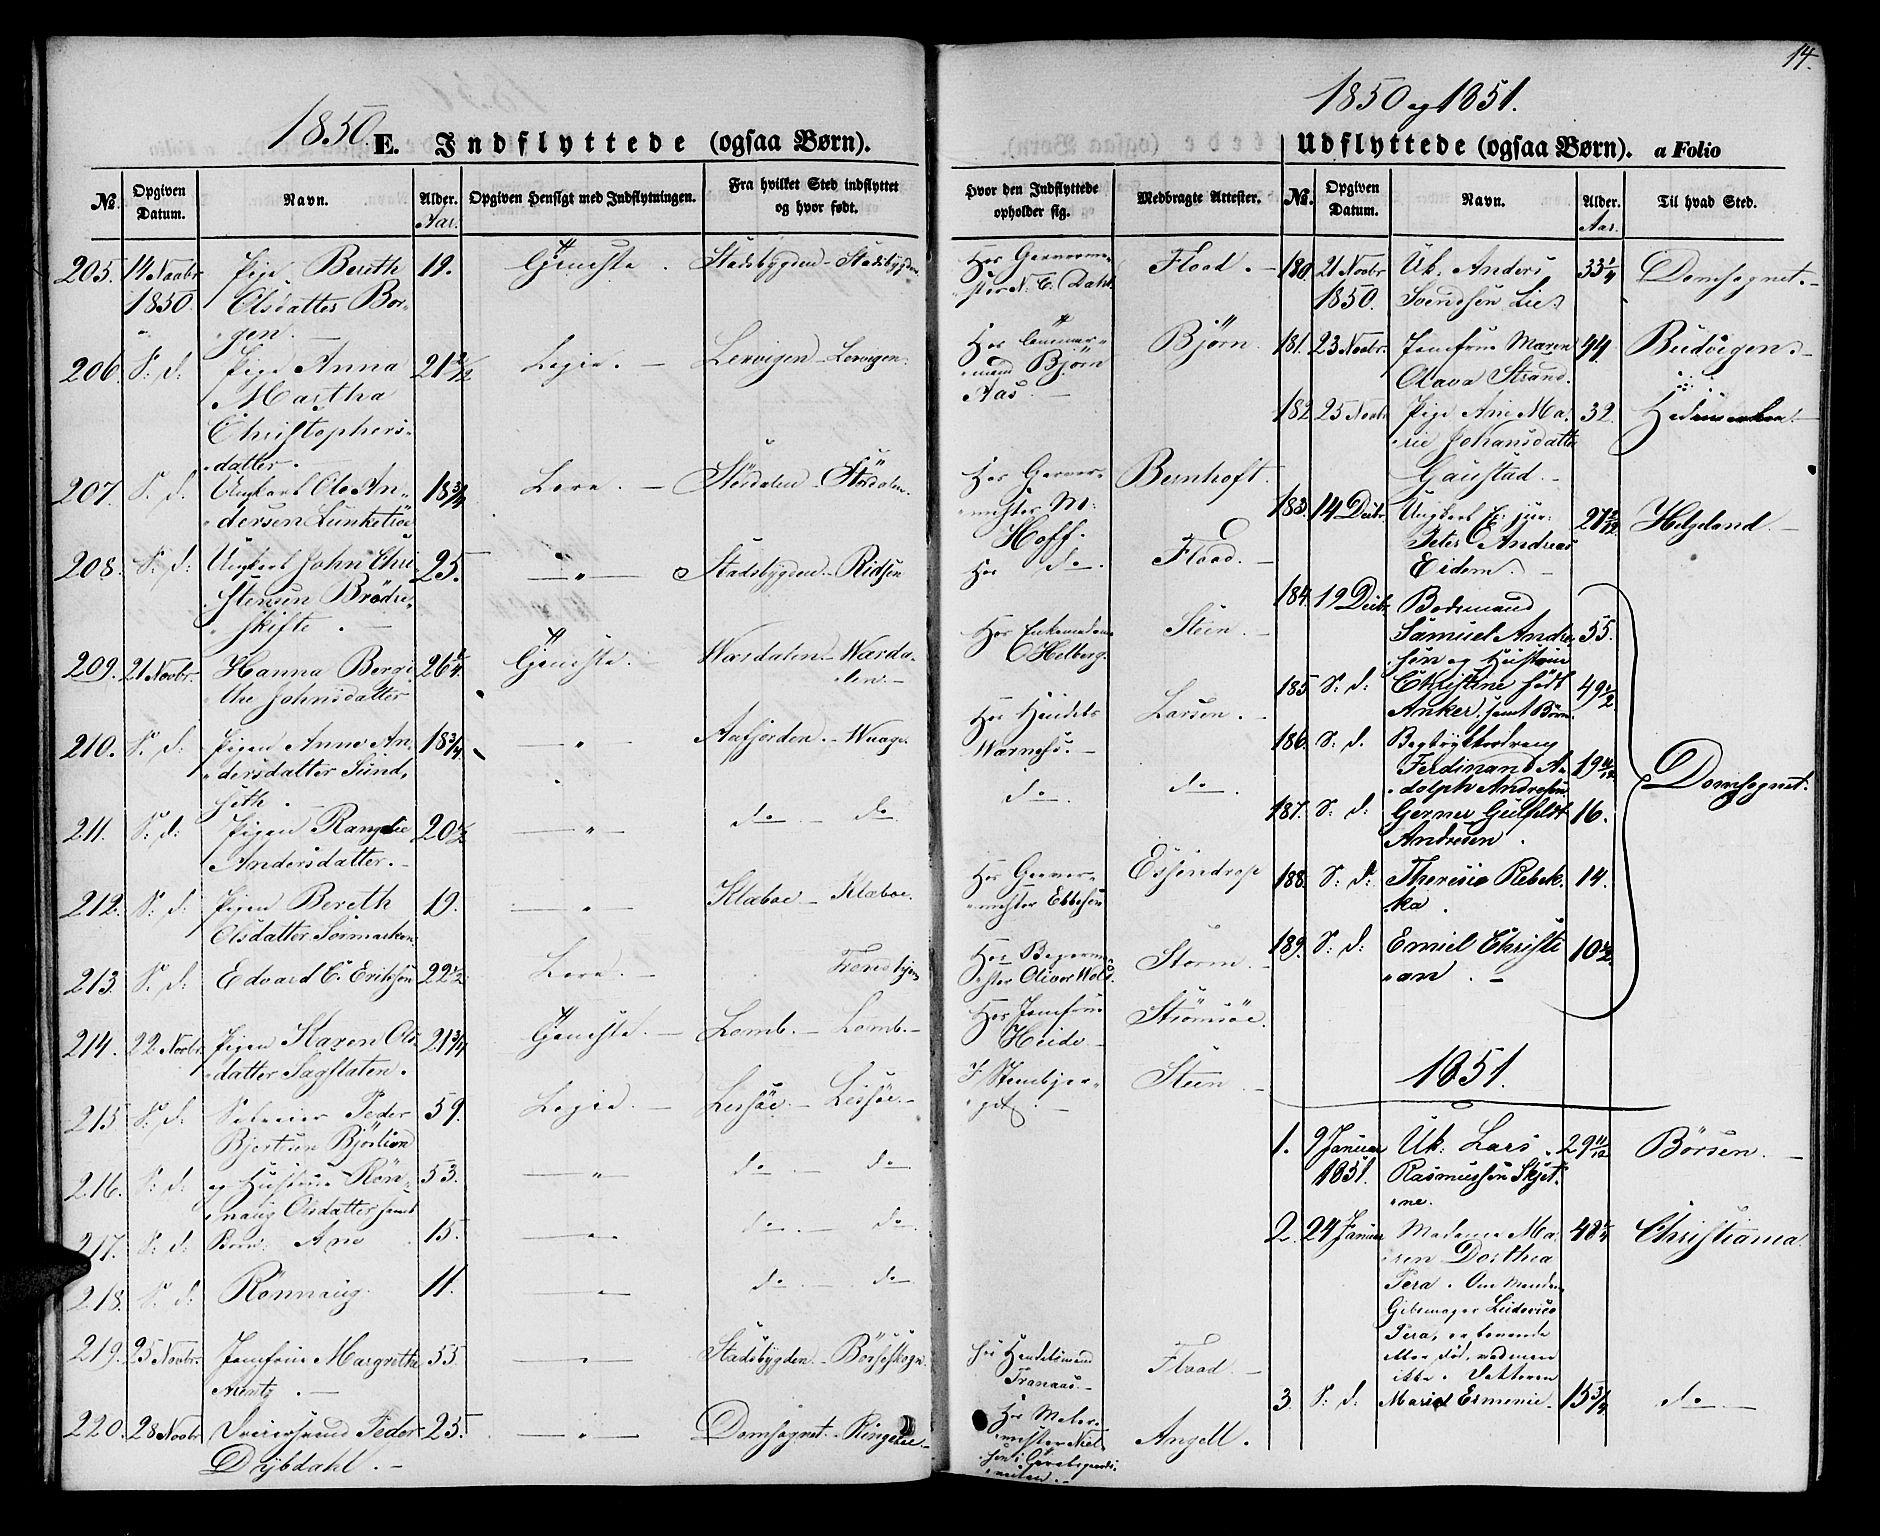 SAT, Ministerialprotokoller, klokkerbøker og fødselsregistre - Sør-Trøndelag, 602/L0113: Ministerialbok nr. 602A11, 1849-1861, s. 14